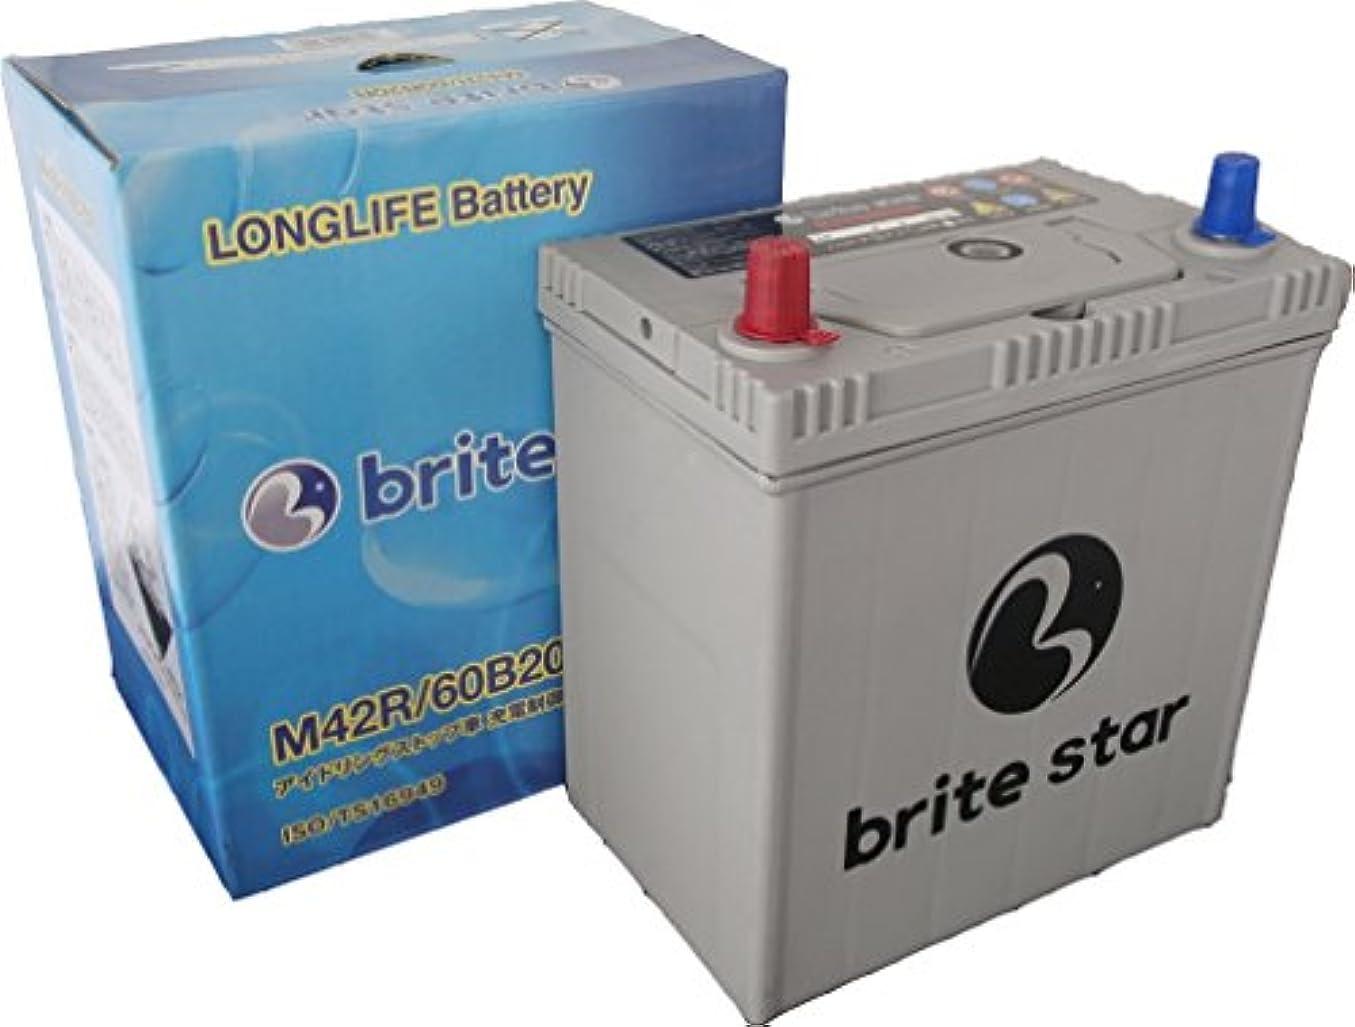 なのでドーム好きであるBrite Star ブライトスター バッテリー M42R/60B20R S34B20Rに互換 アイドリングストップ車、充電制御車、ハイブリッド車に対応